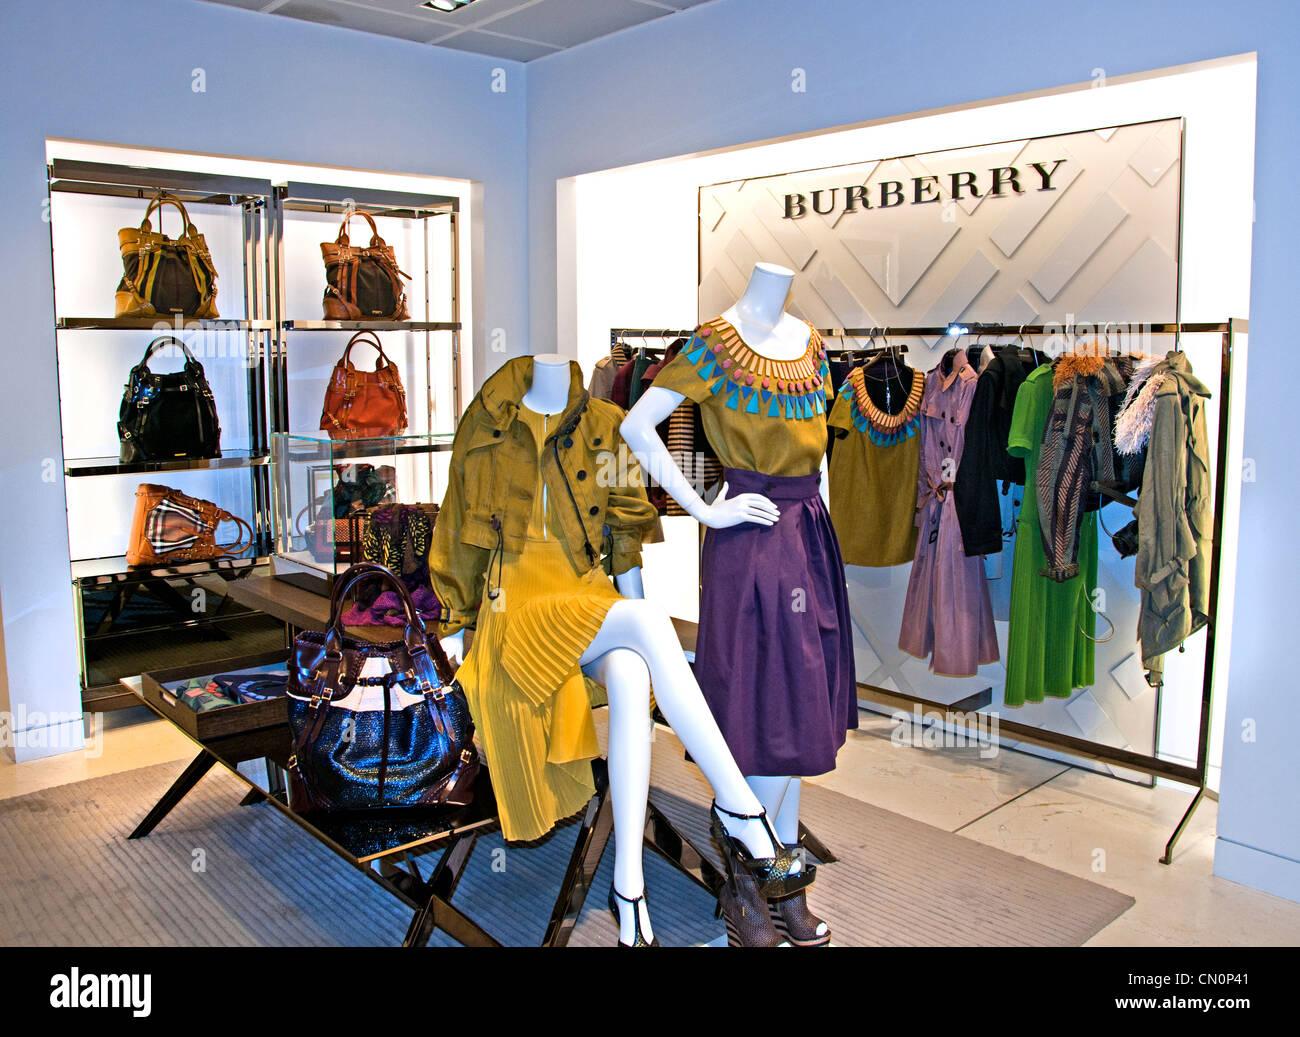 Burberry Le Bon Marché Parigi Francia Fashion department store Immagini Stock